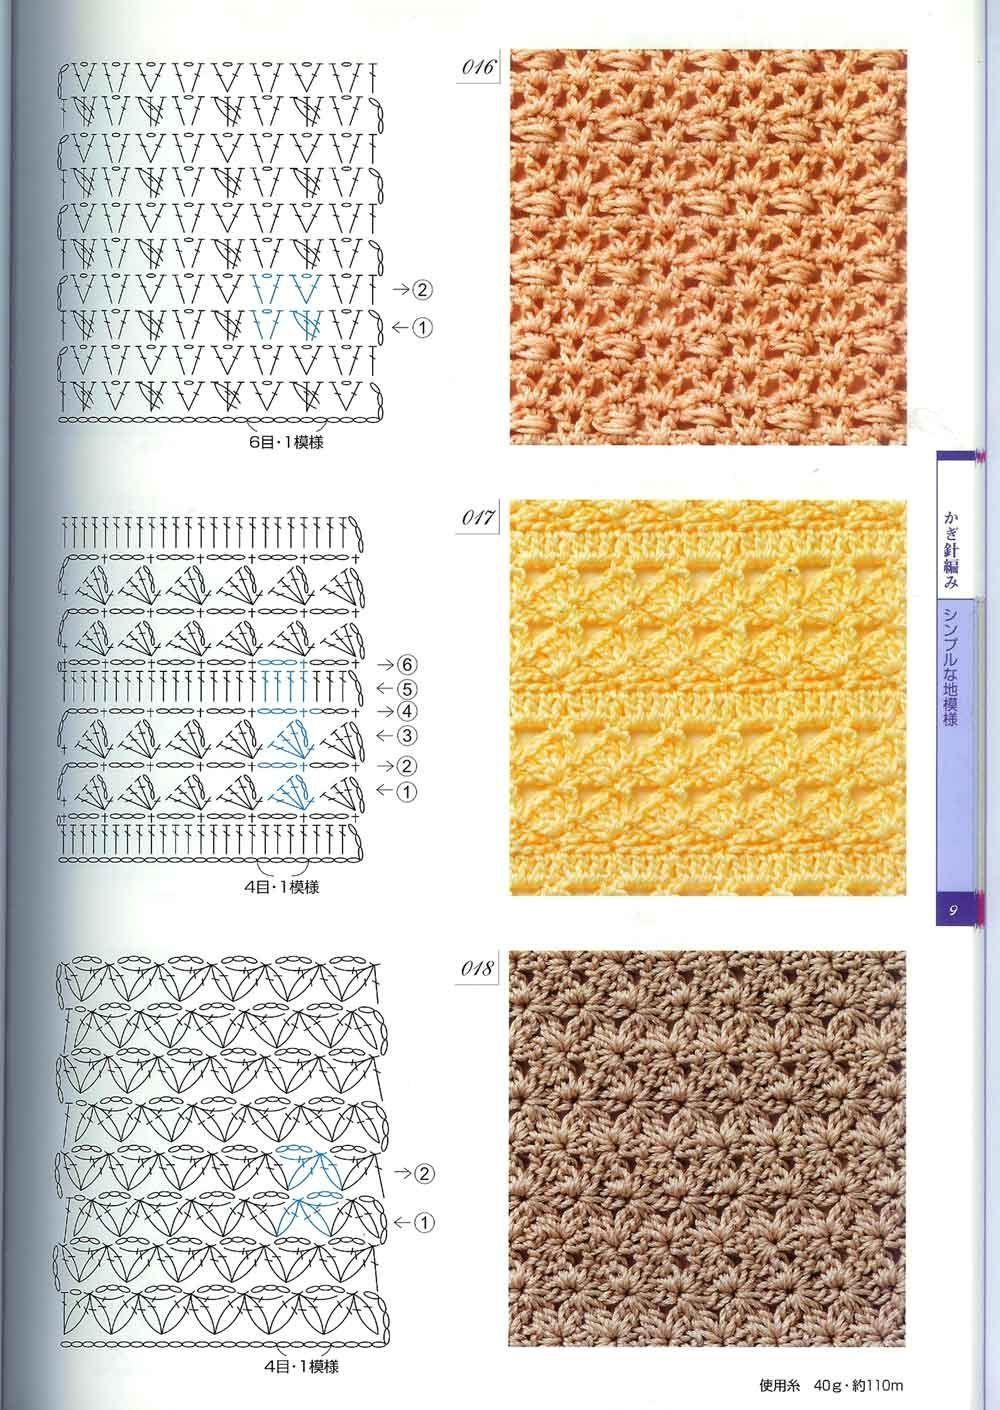 patrones y tejidos gratis : puntos crochet